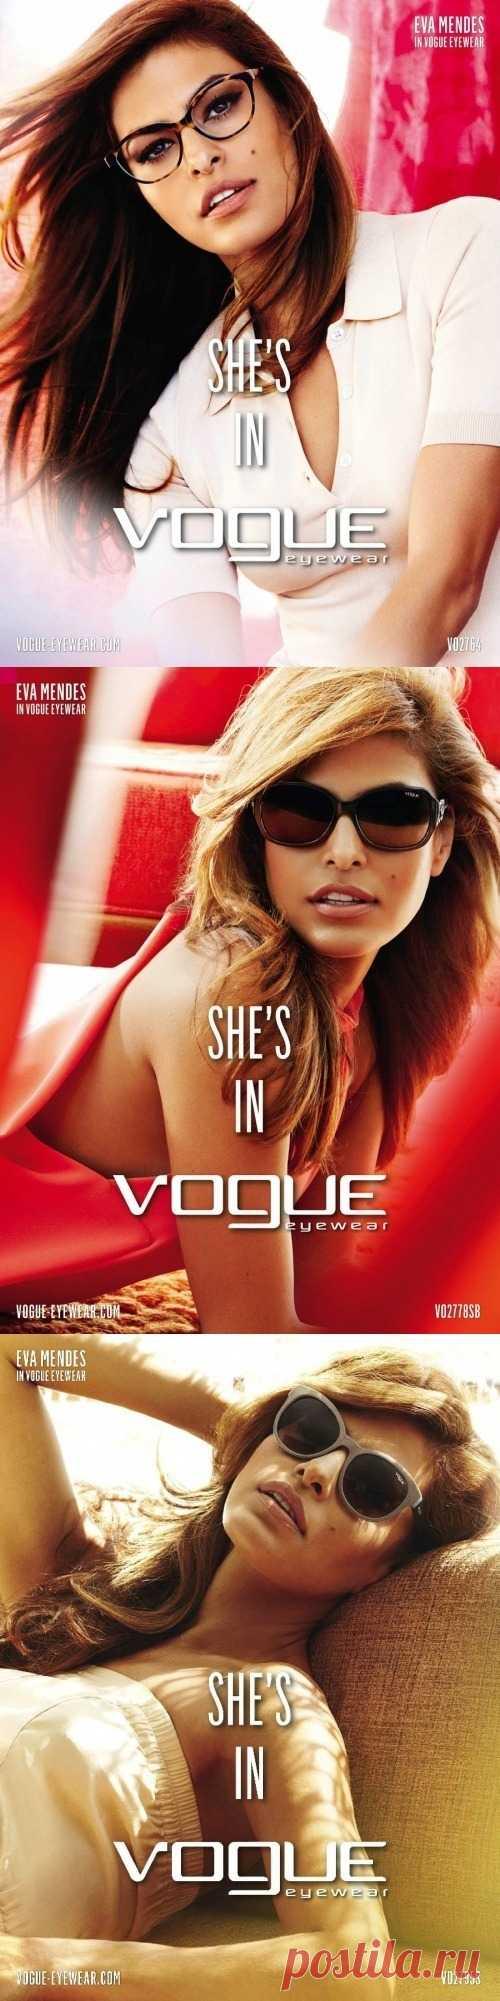 La campaña Vogue Eyewear publicitaria la Primavera-verano 2013